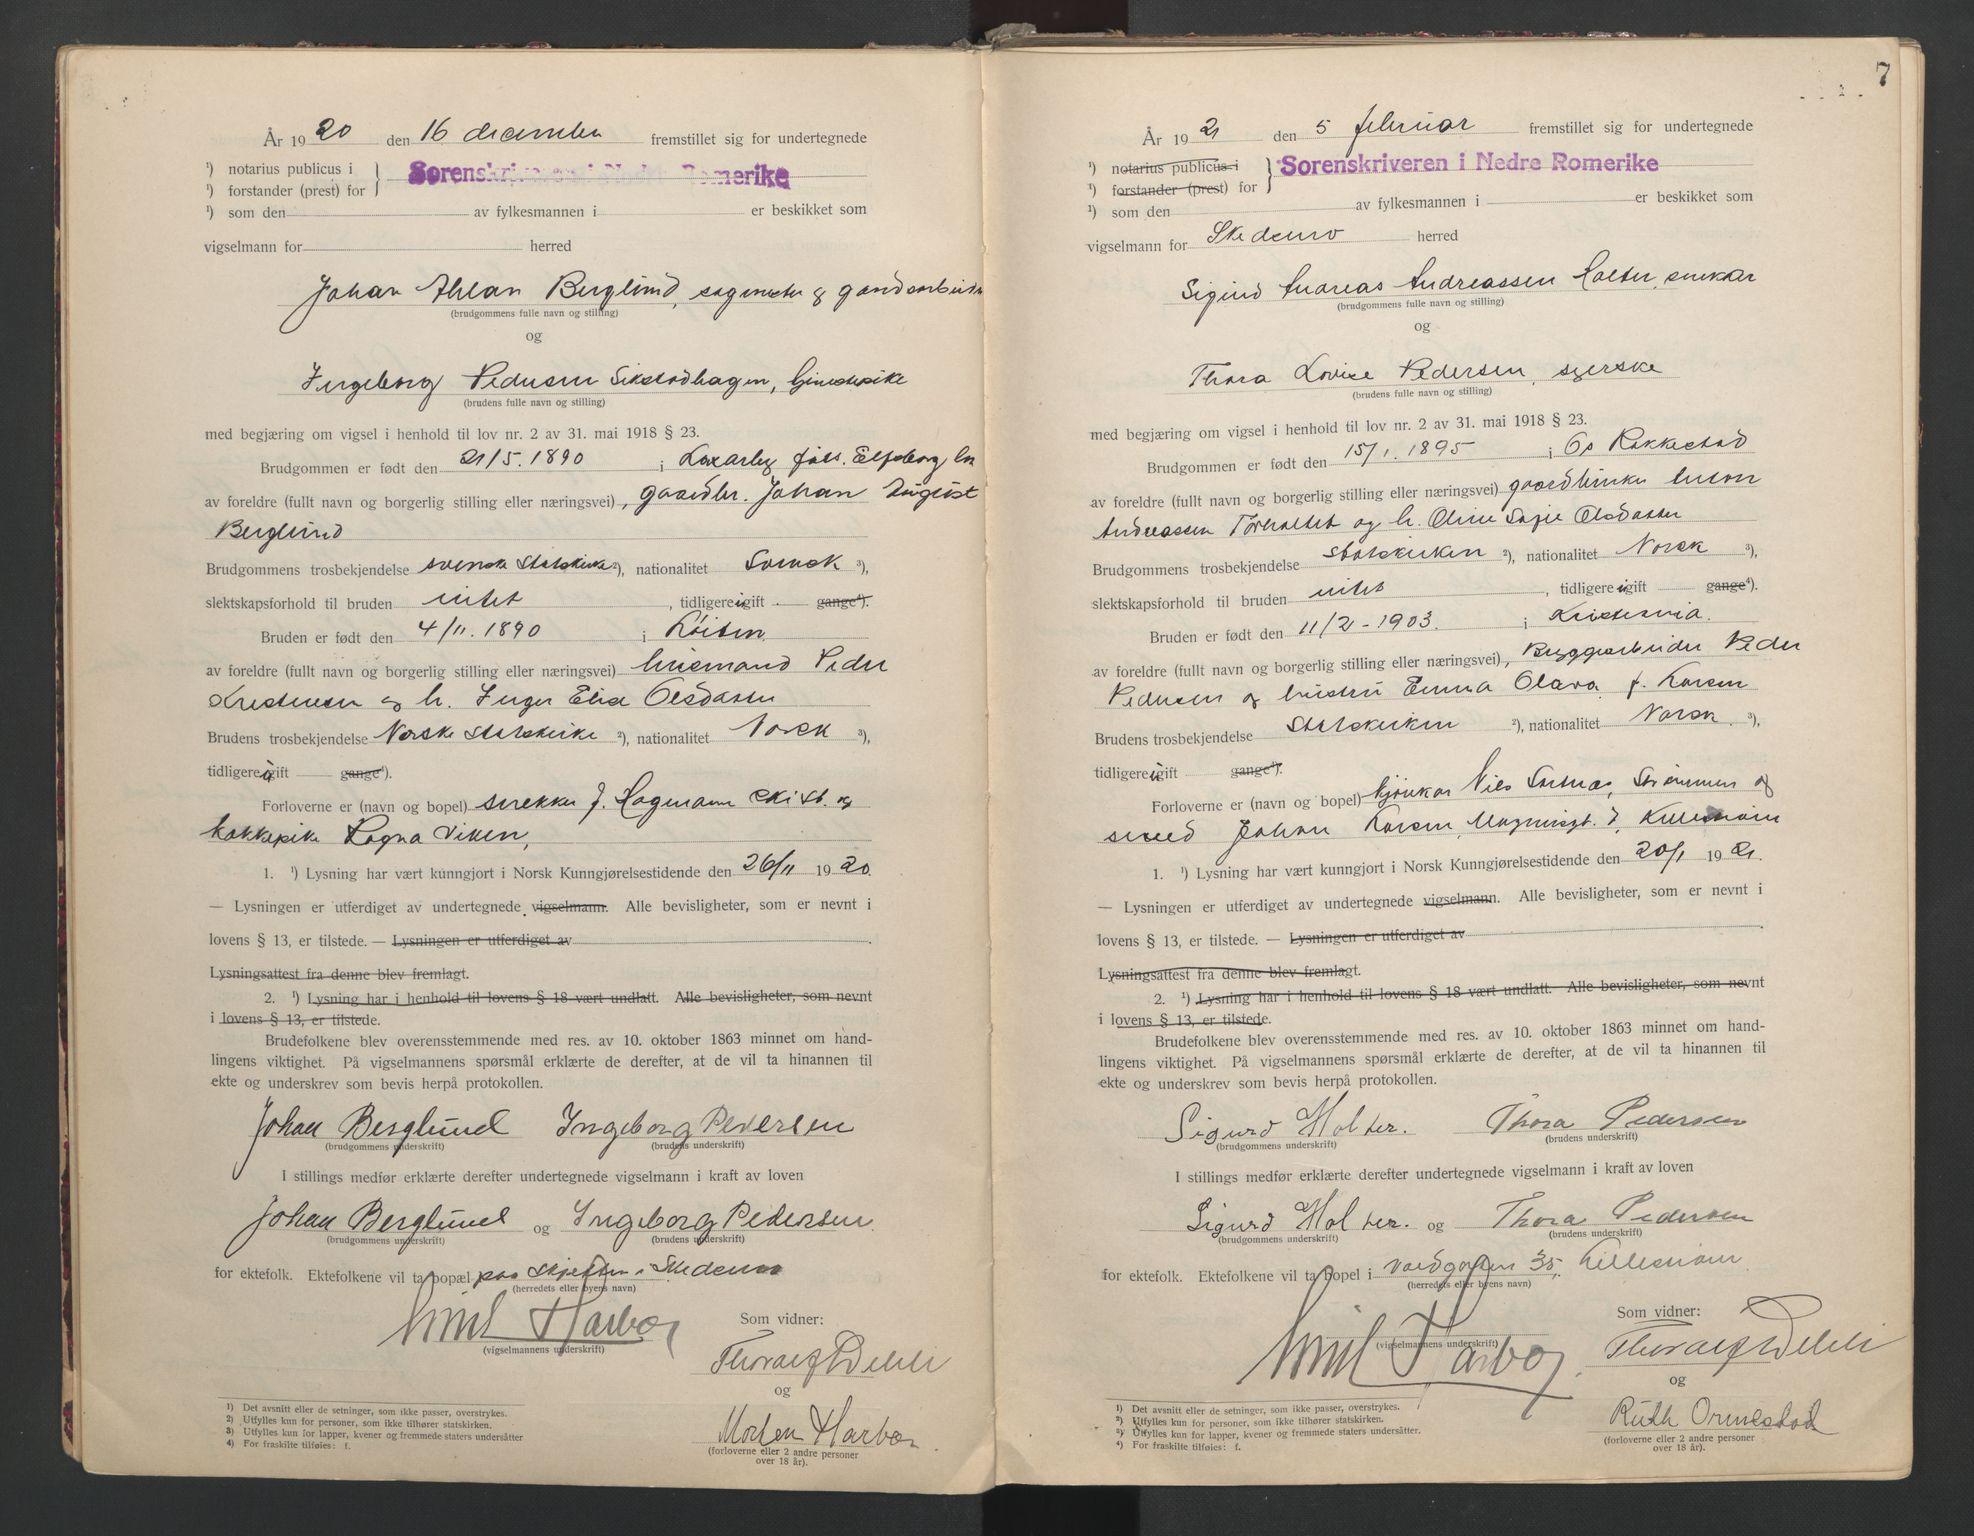 SAO, Nedre Romerike sorenskriveri, L/Lb/L0001: Vigselsbok - borgerlige vielser, 1920-1935, s. 7